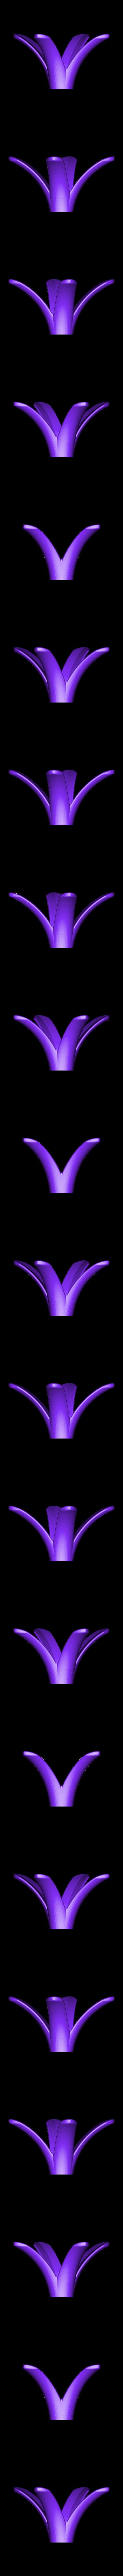 HAUT ANANAS 5.STL Télécharger fichier STL ANANAS • Modèle imprimable en 3D, BOUTIN